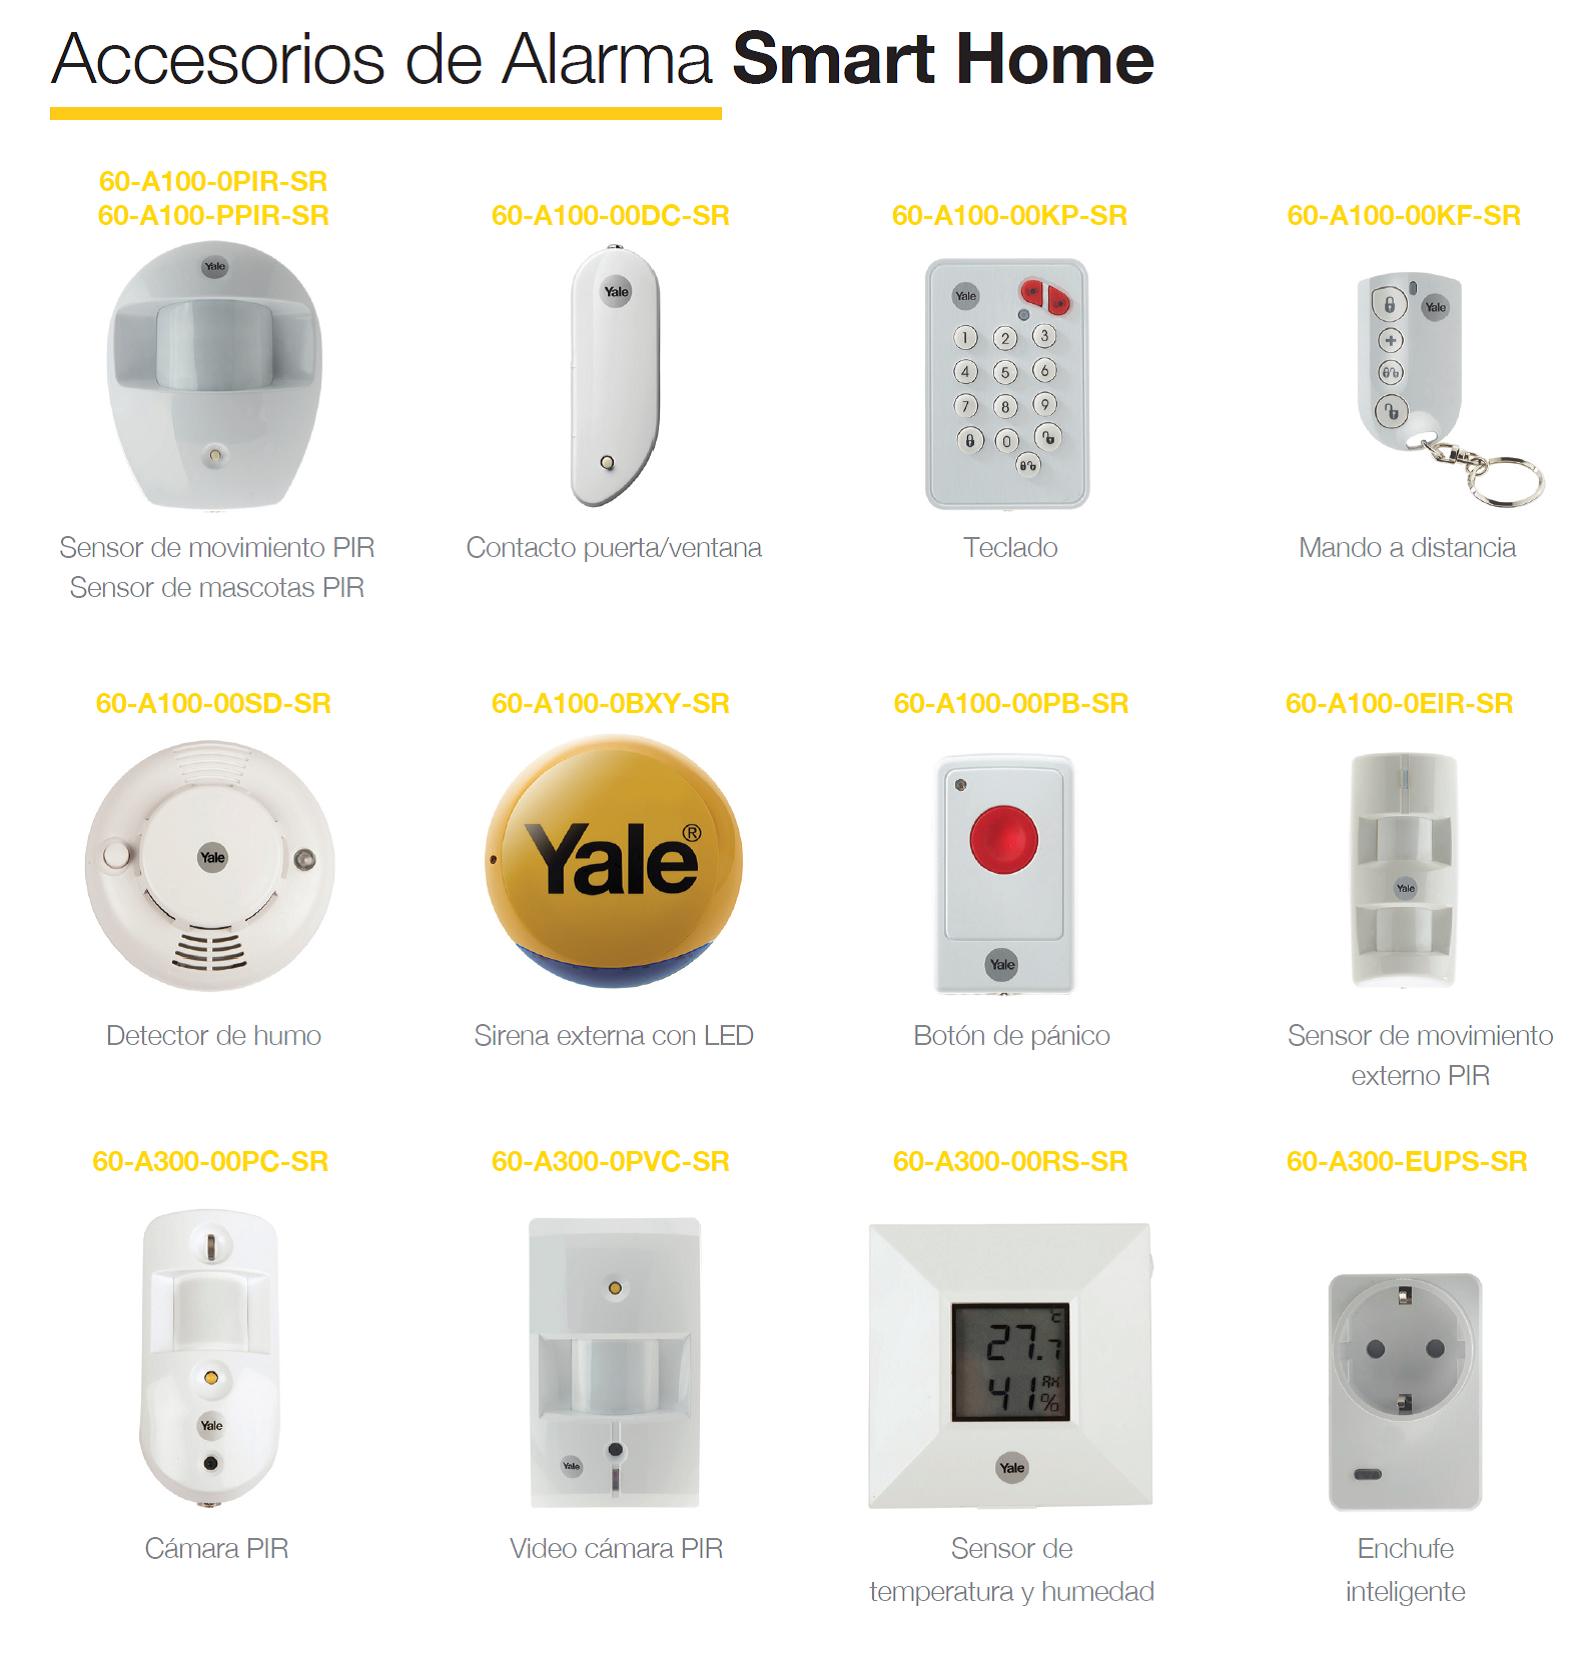 Accessoires d'alarme Smart Home